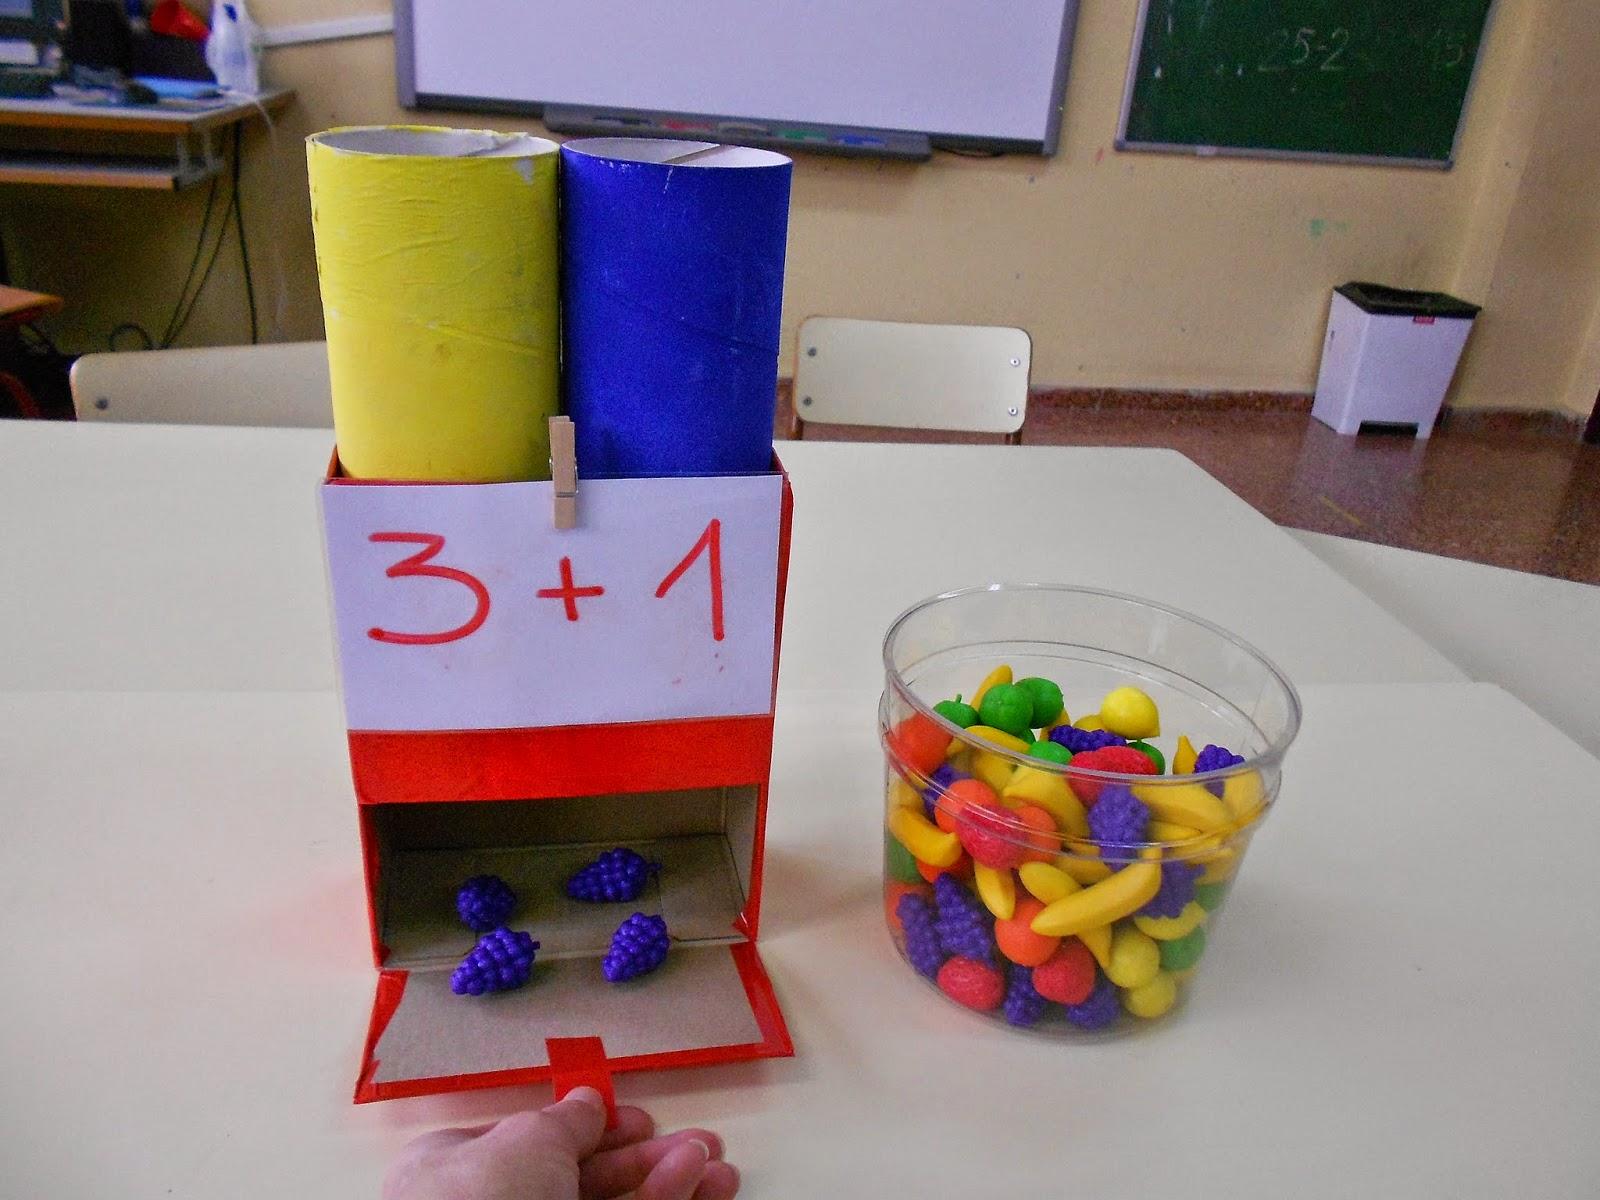 La m quina de sumar for Aprendiendo y jugando jardin infantil